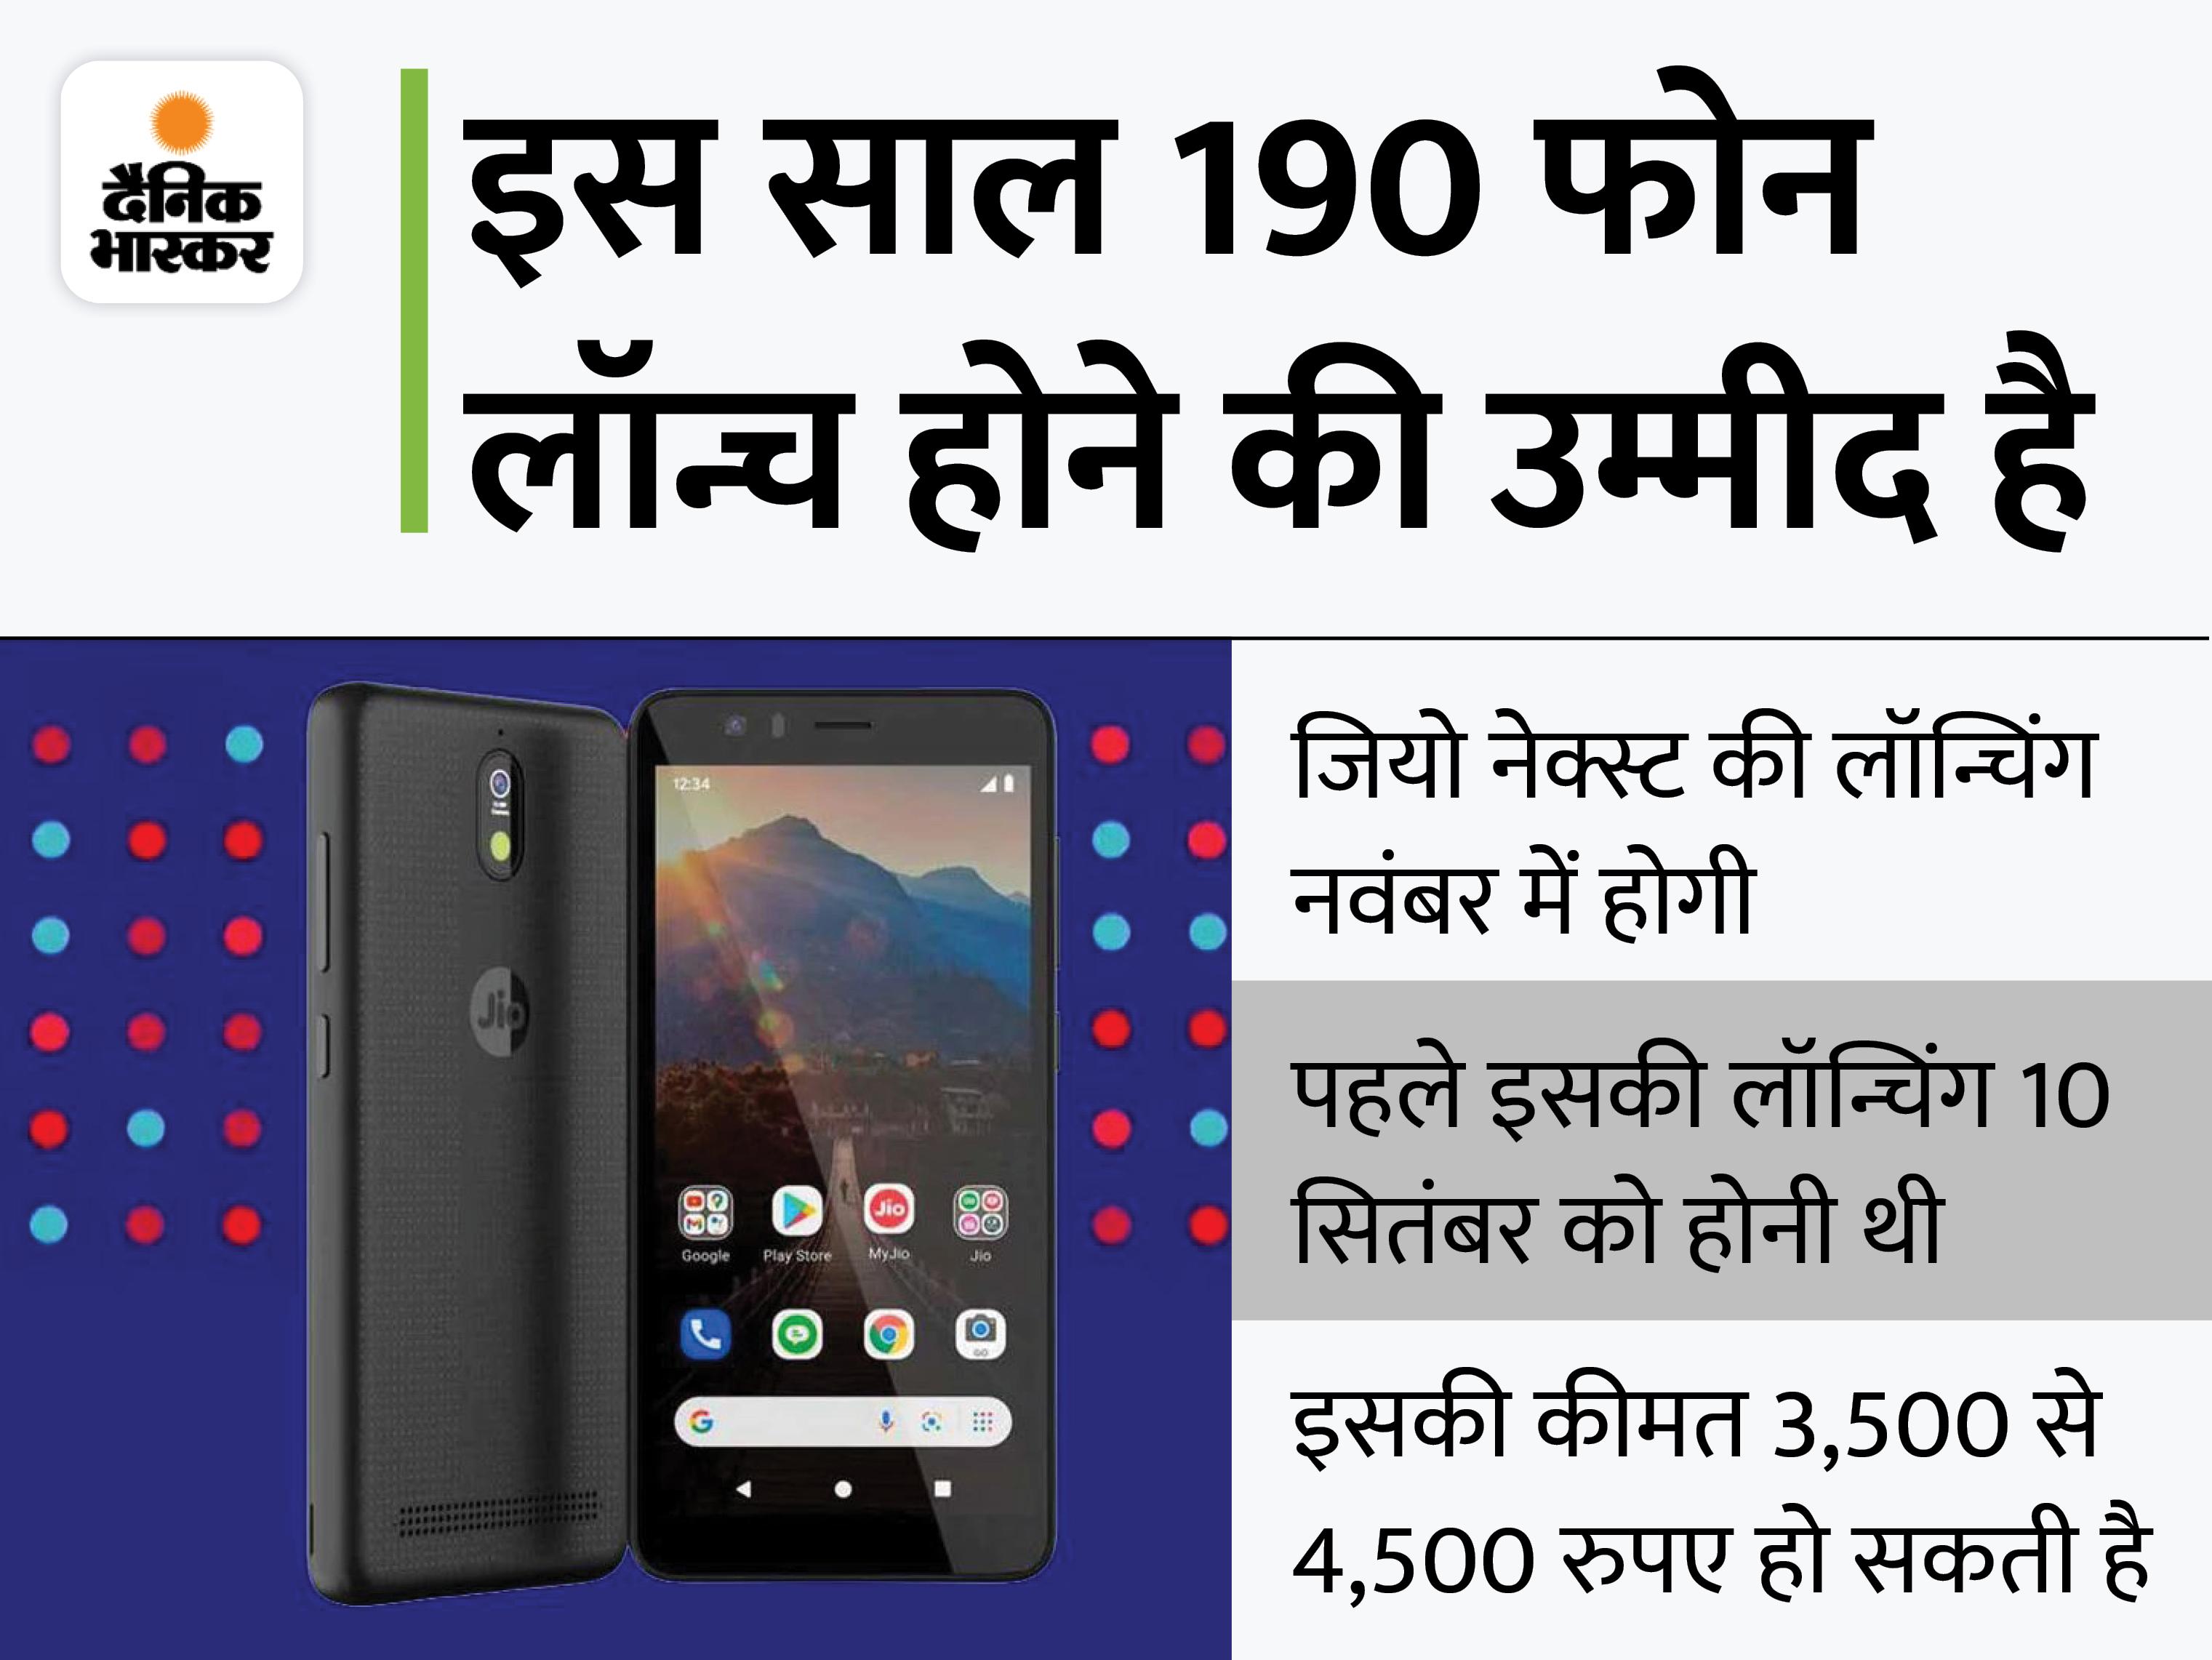 इस साल मोबाइल फोन की लॉन्चिंग में आ सकती है कमी, पिछले साल 207 मॉडल लॉन्च हुए थे|बिजनेस,Business - Dainik Bhaskar